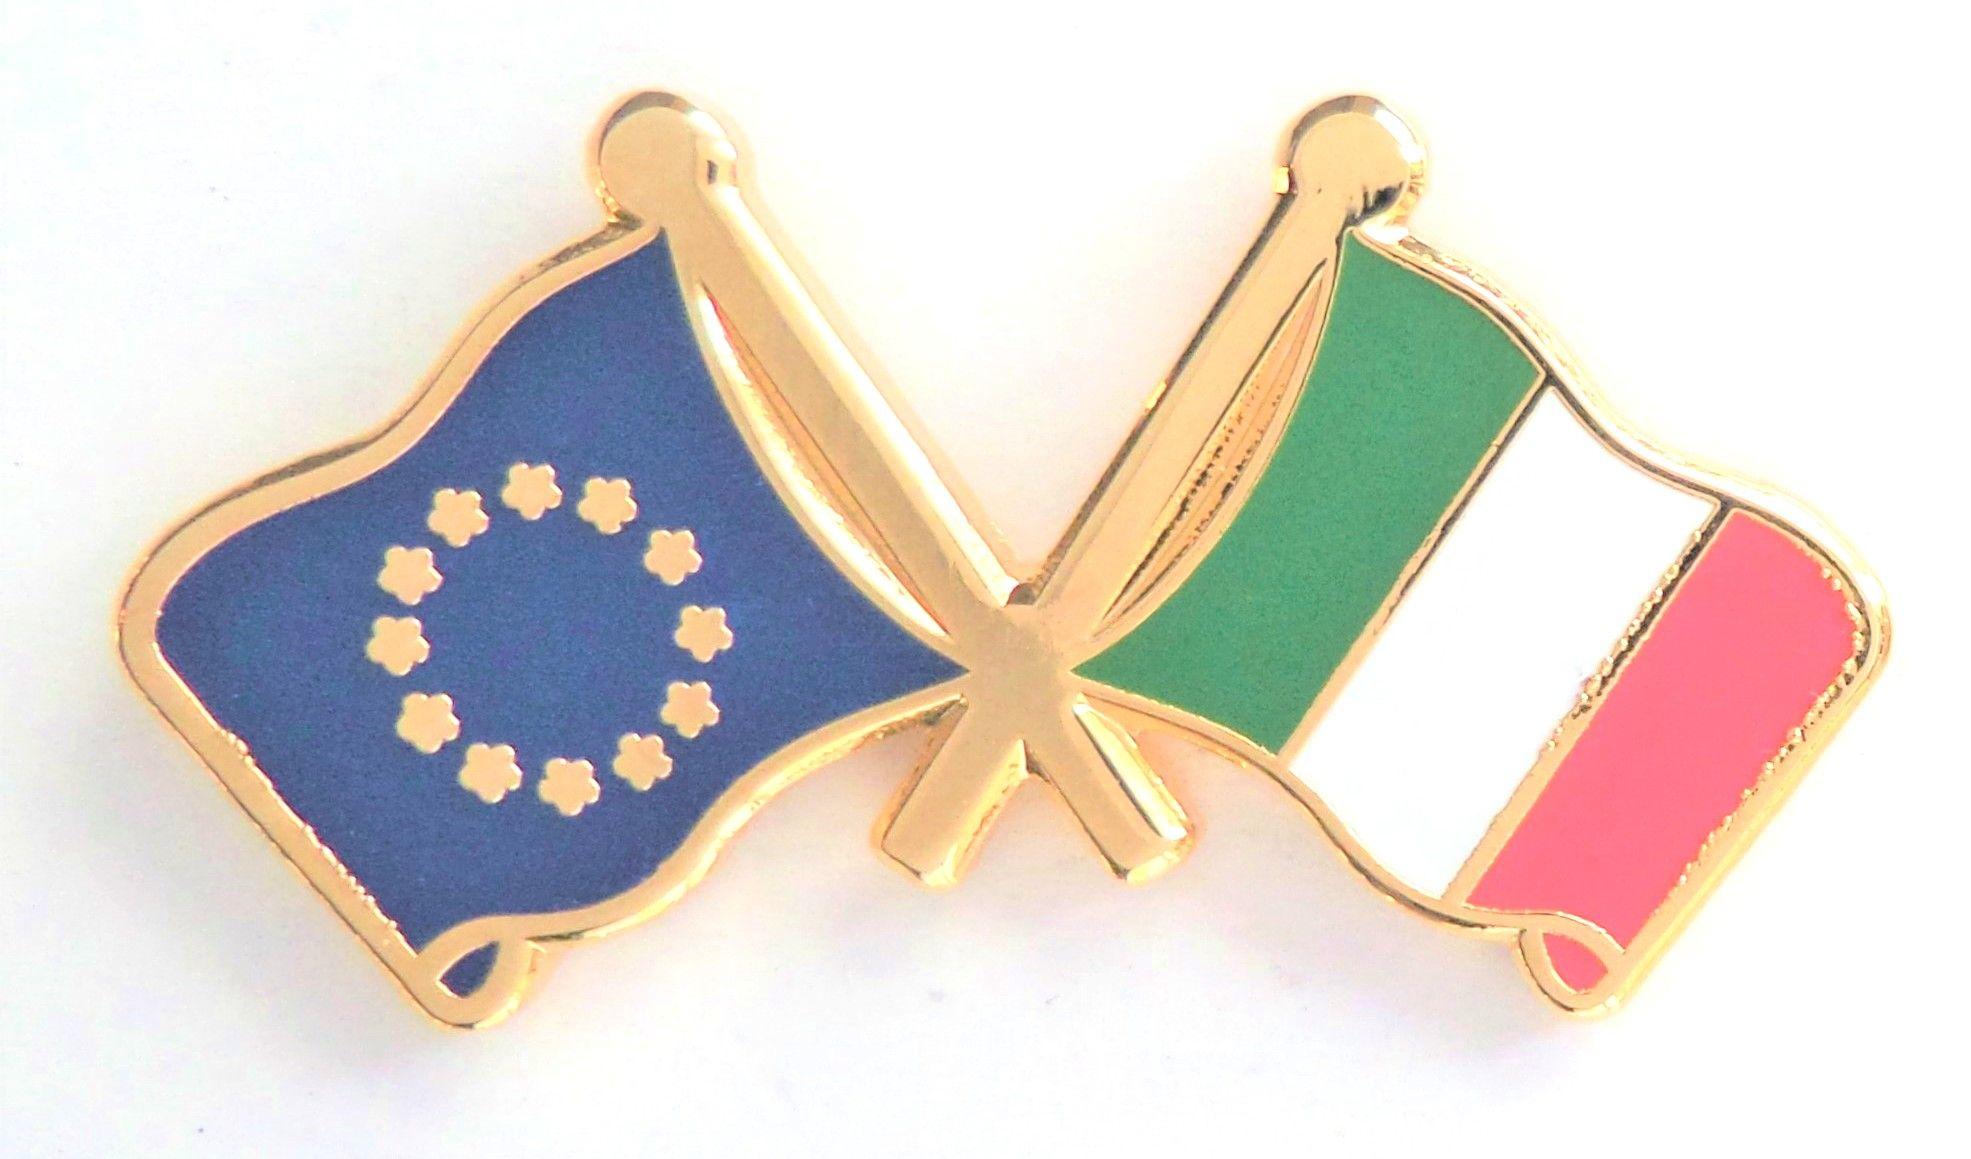 Per Le Imprese / Finanziamenti Europei, Ecco Cosa Bisogna Assolutamente Sapere Per Averli